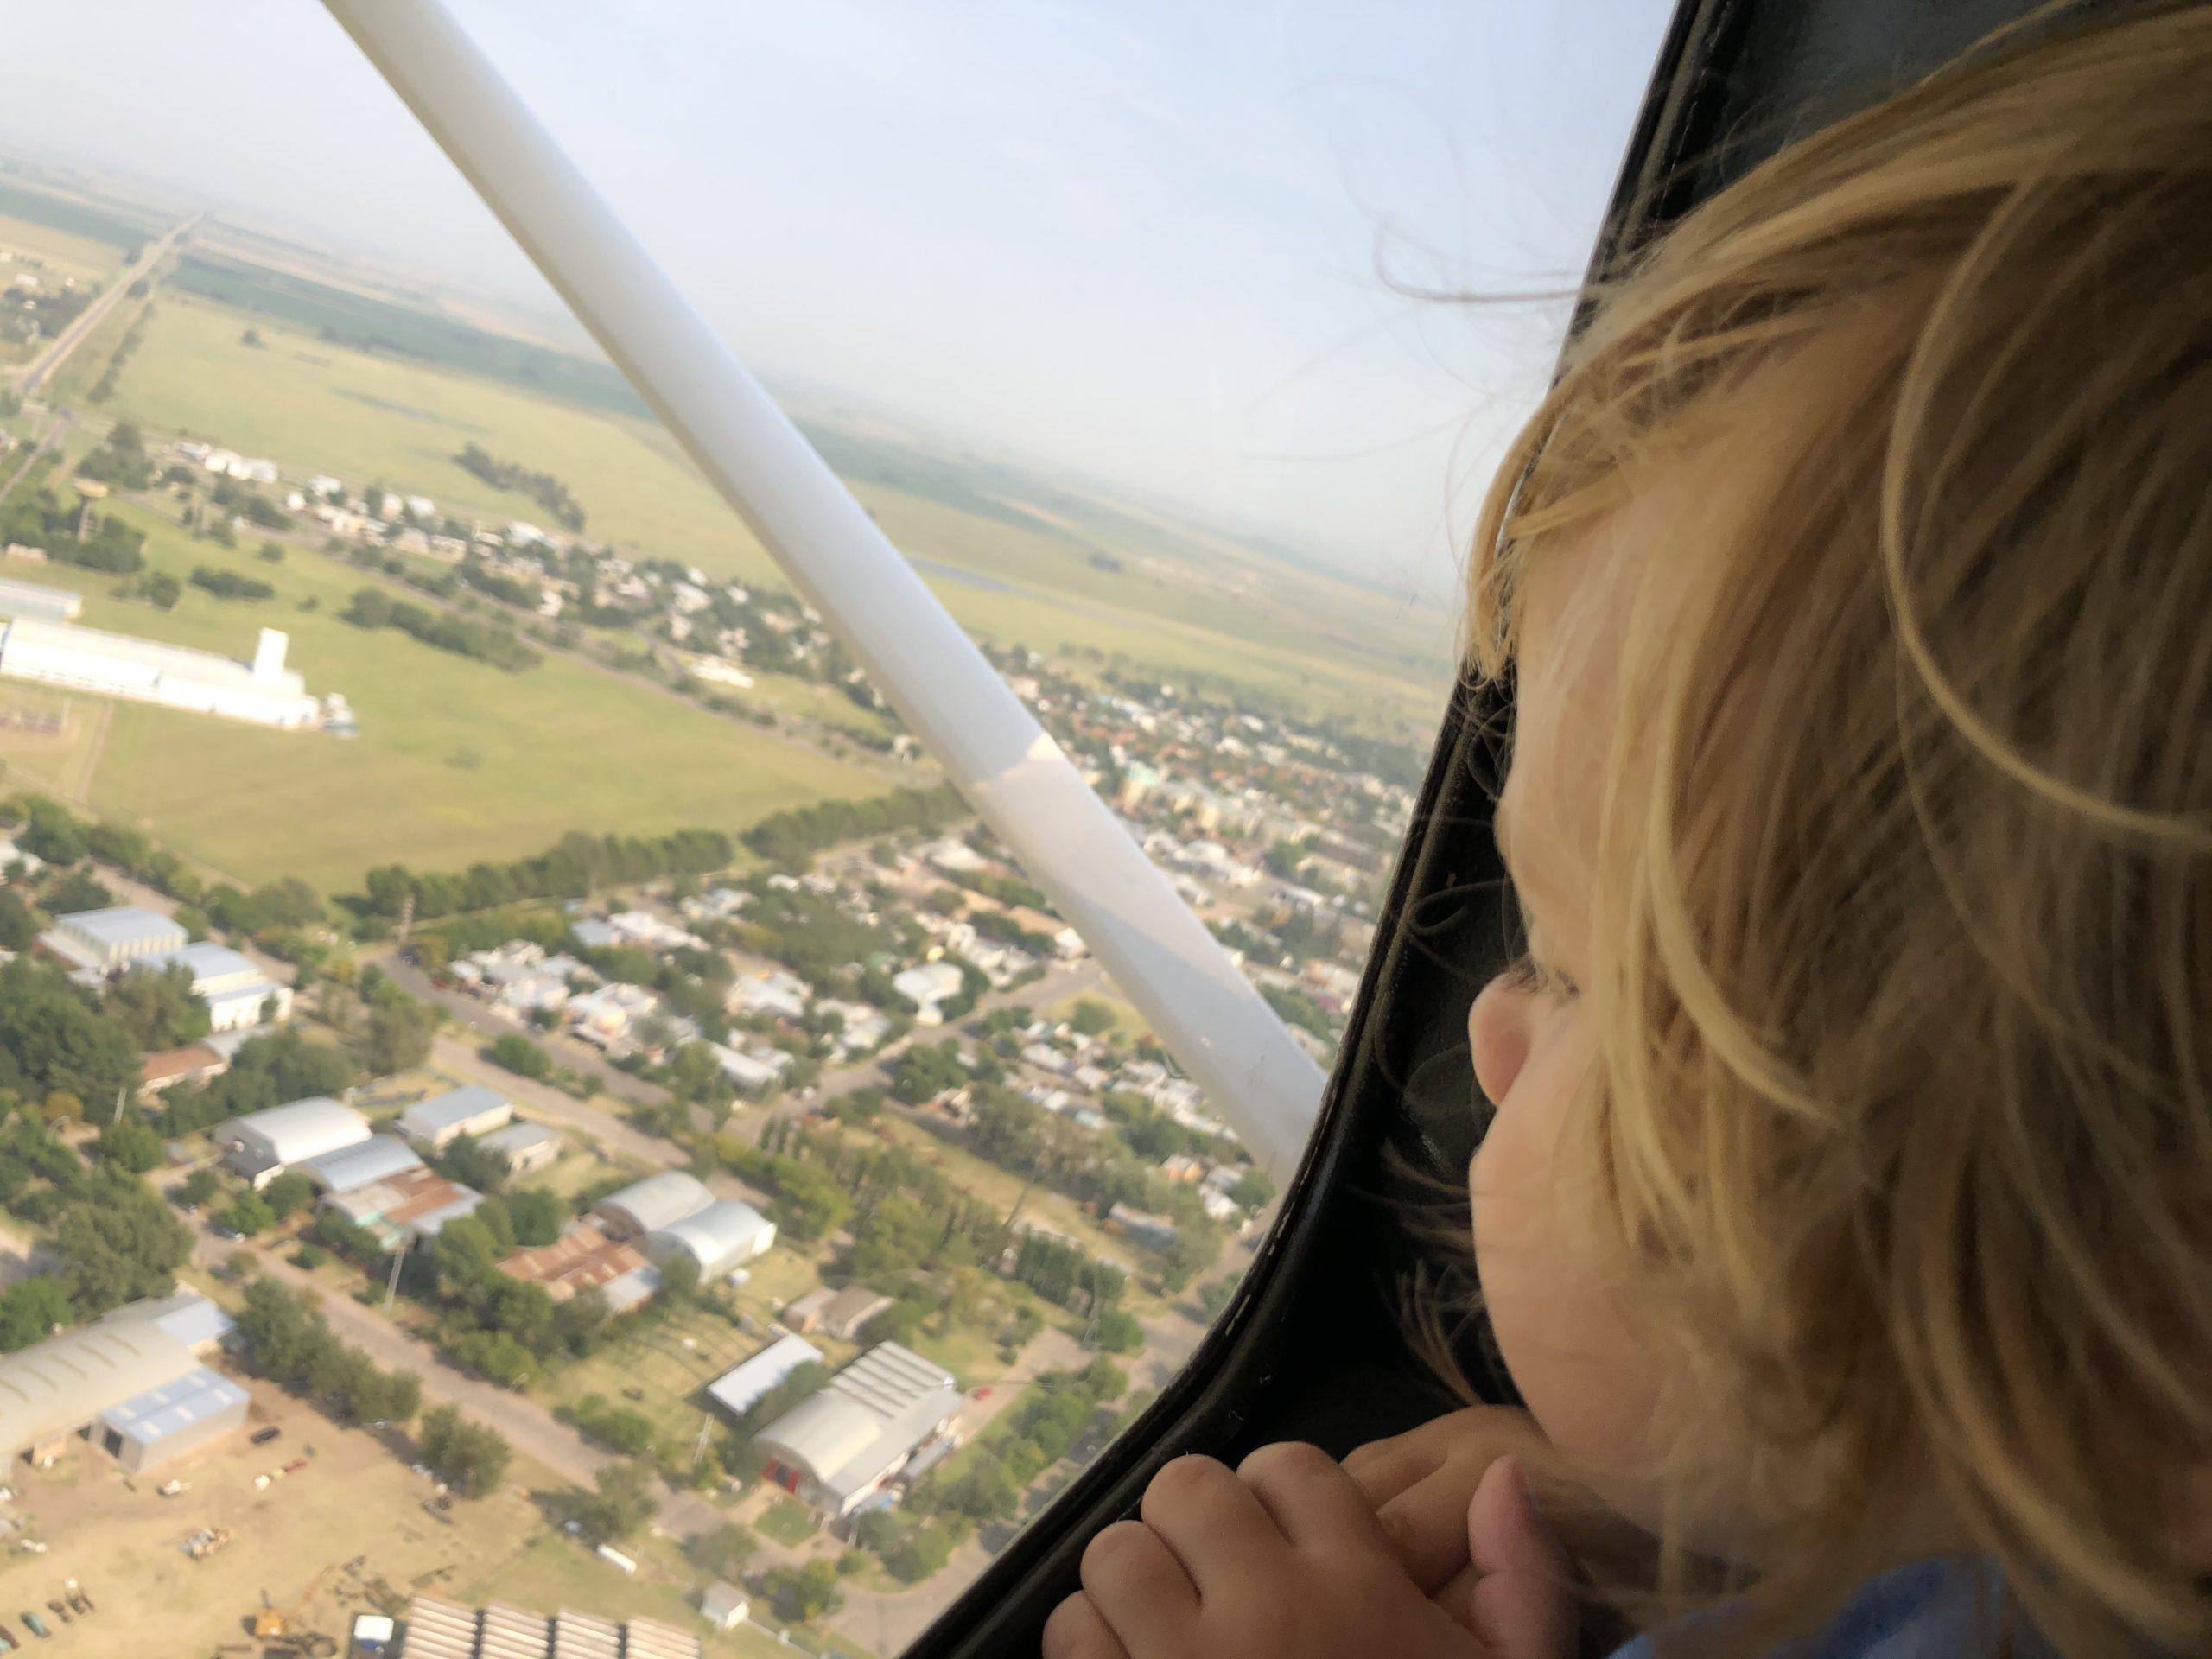 El Aero Club presentará un espectáculo aéreo para disfrutar desde casa y realizará vuelos de bautismo